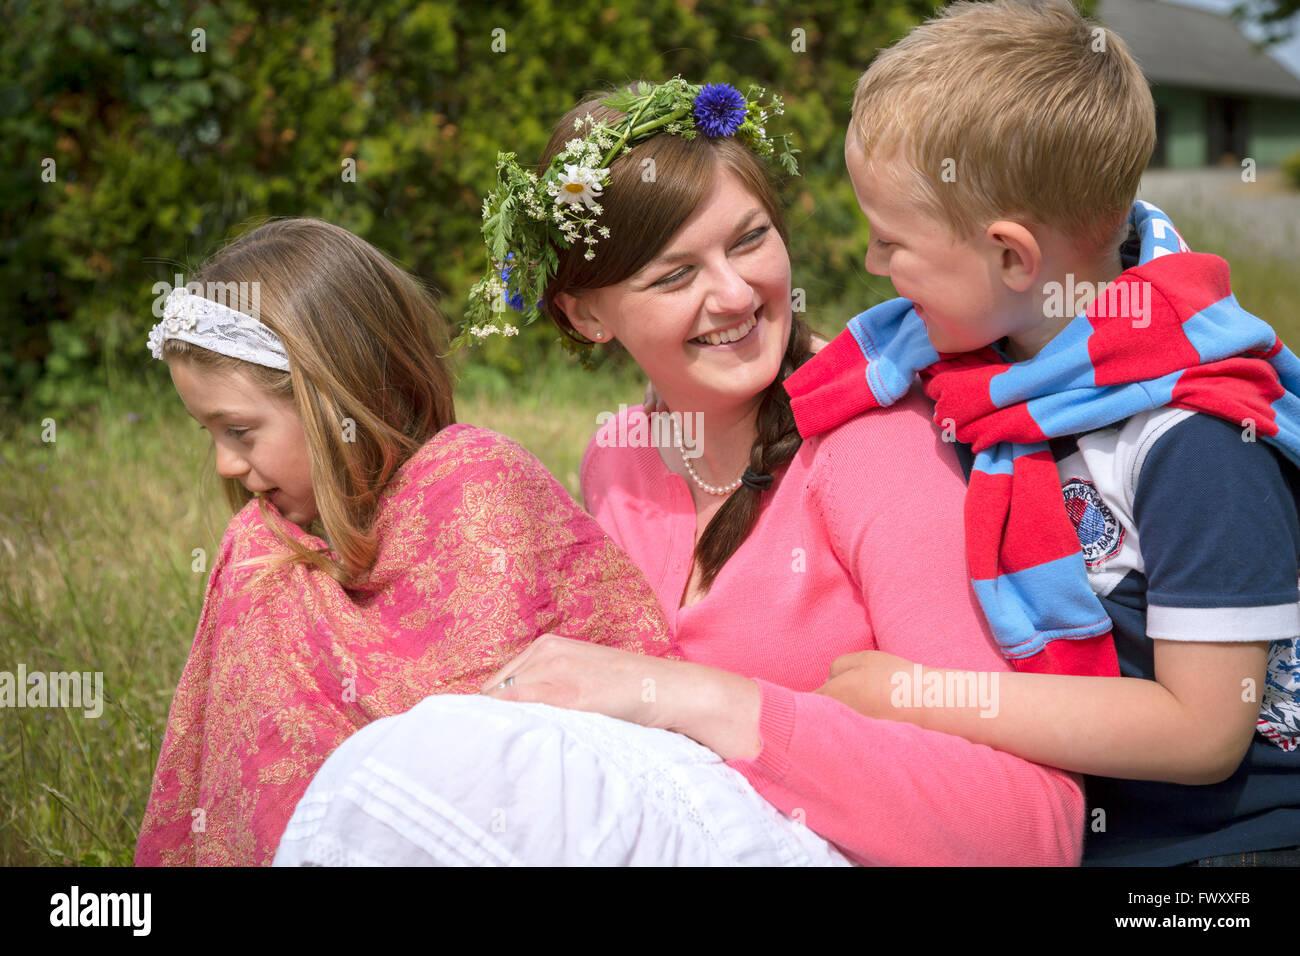 Sweden, Skane, Mother with children (6-7, 8-9) during midsummer celebrations - Stock Image